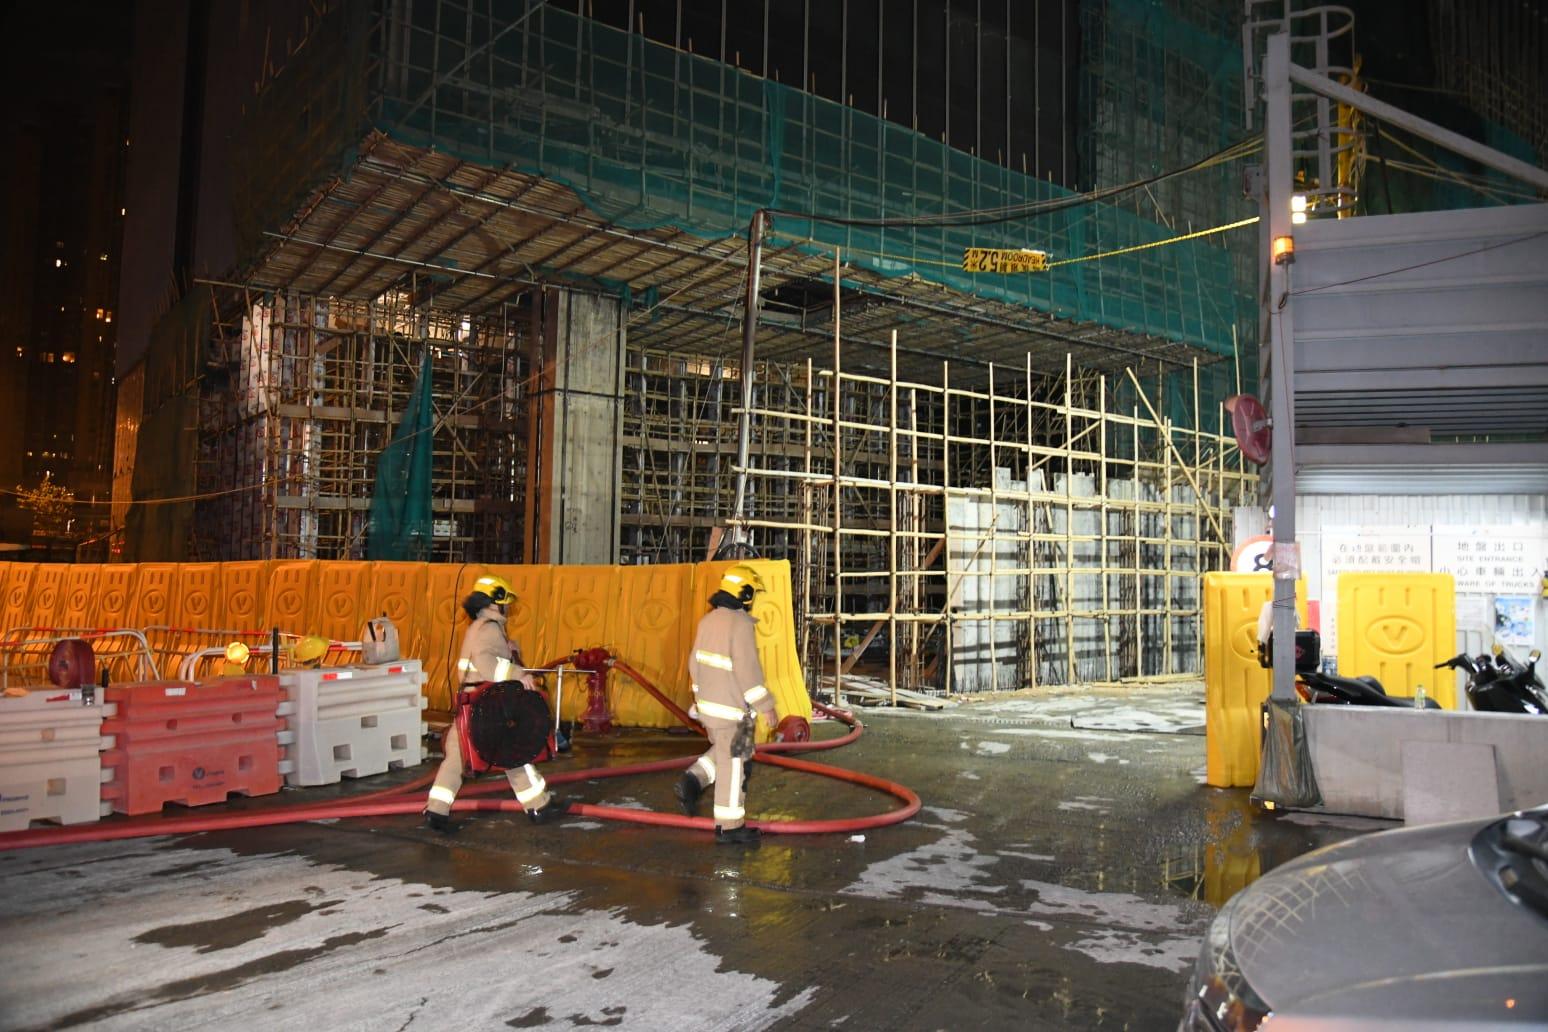 启德新东九龙总区总部地盘起火 疑电掣漏电引起